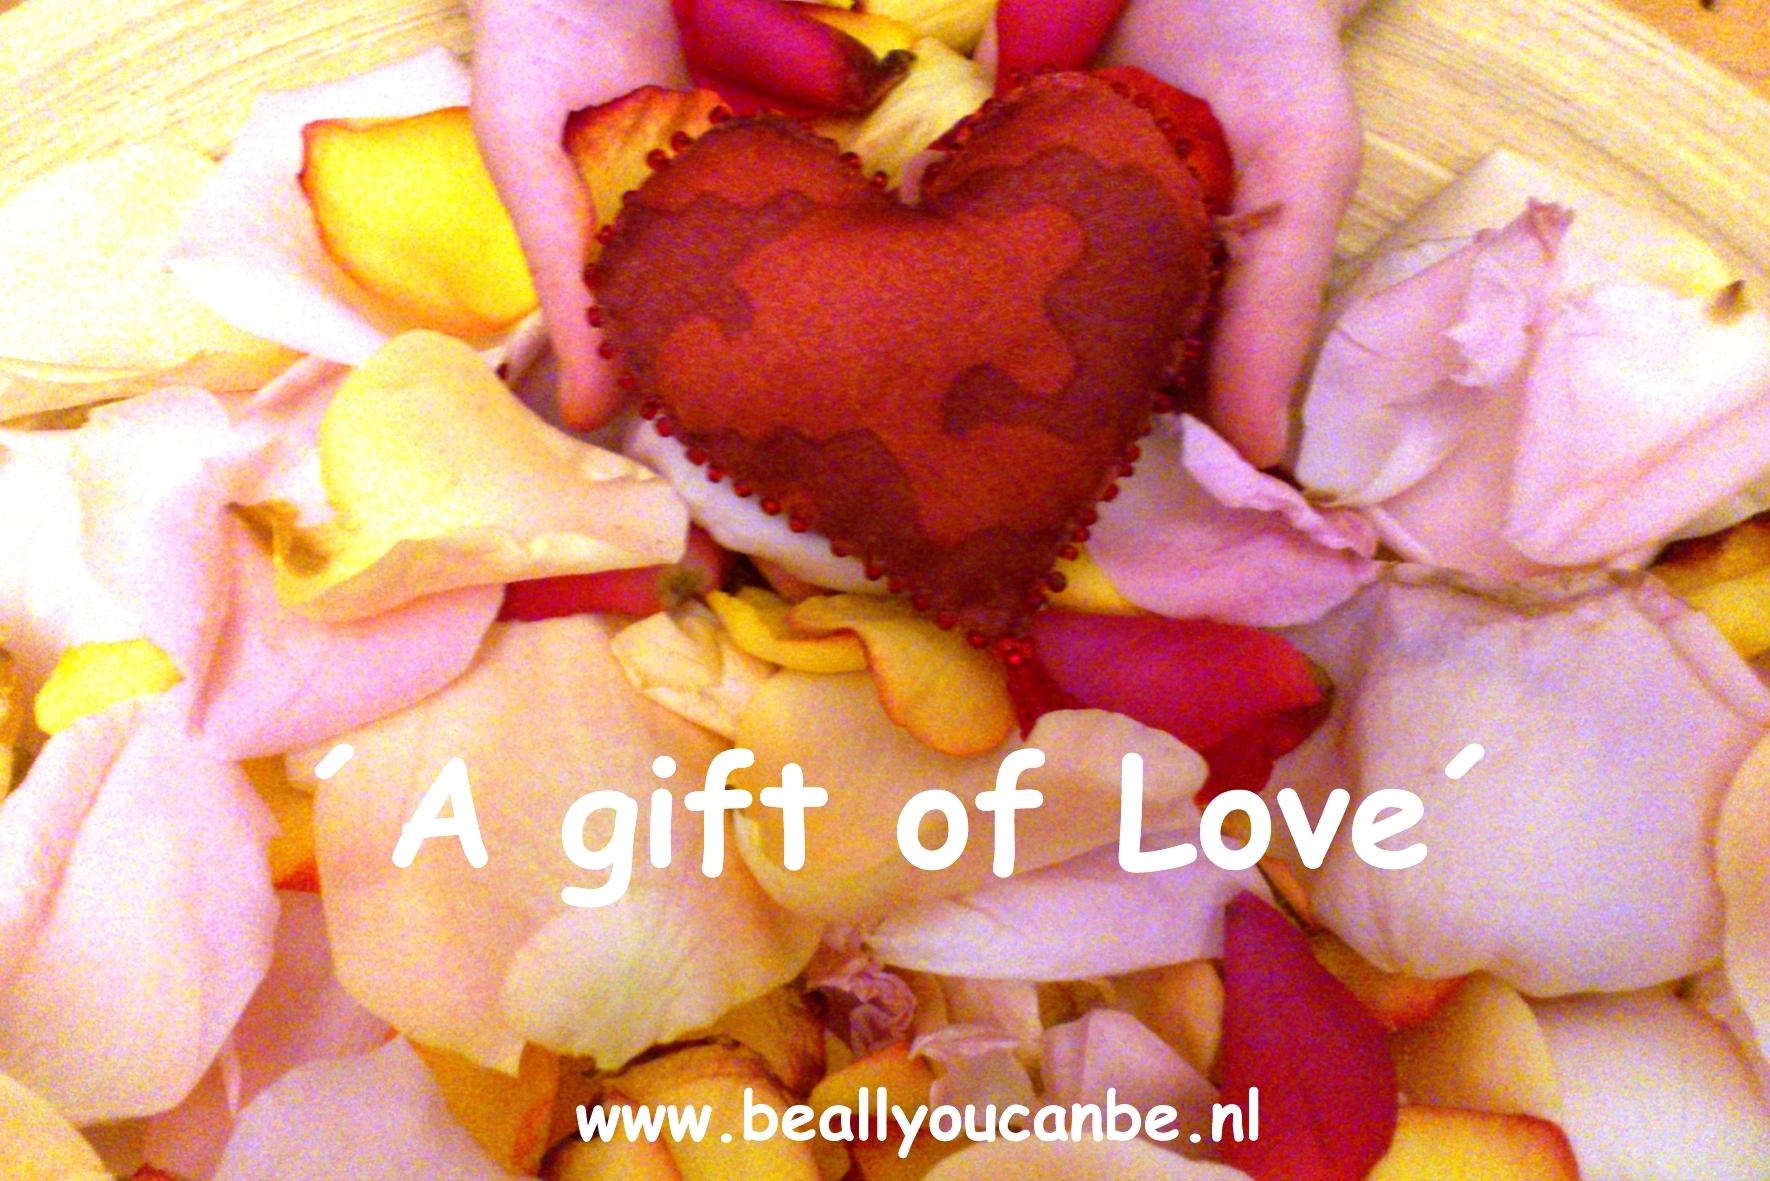 ´A Gift Of Love´, Voor Alle Liefde, Zorg En Aandacht Die Jij Geeft…